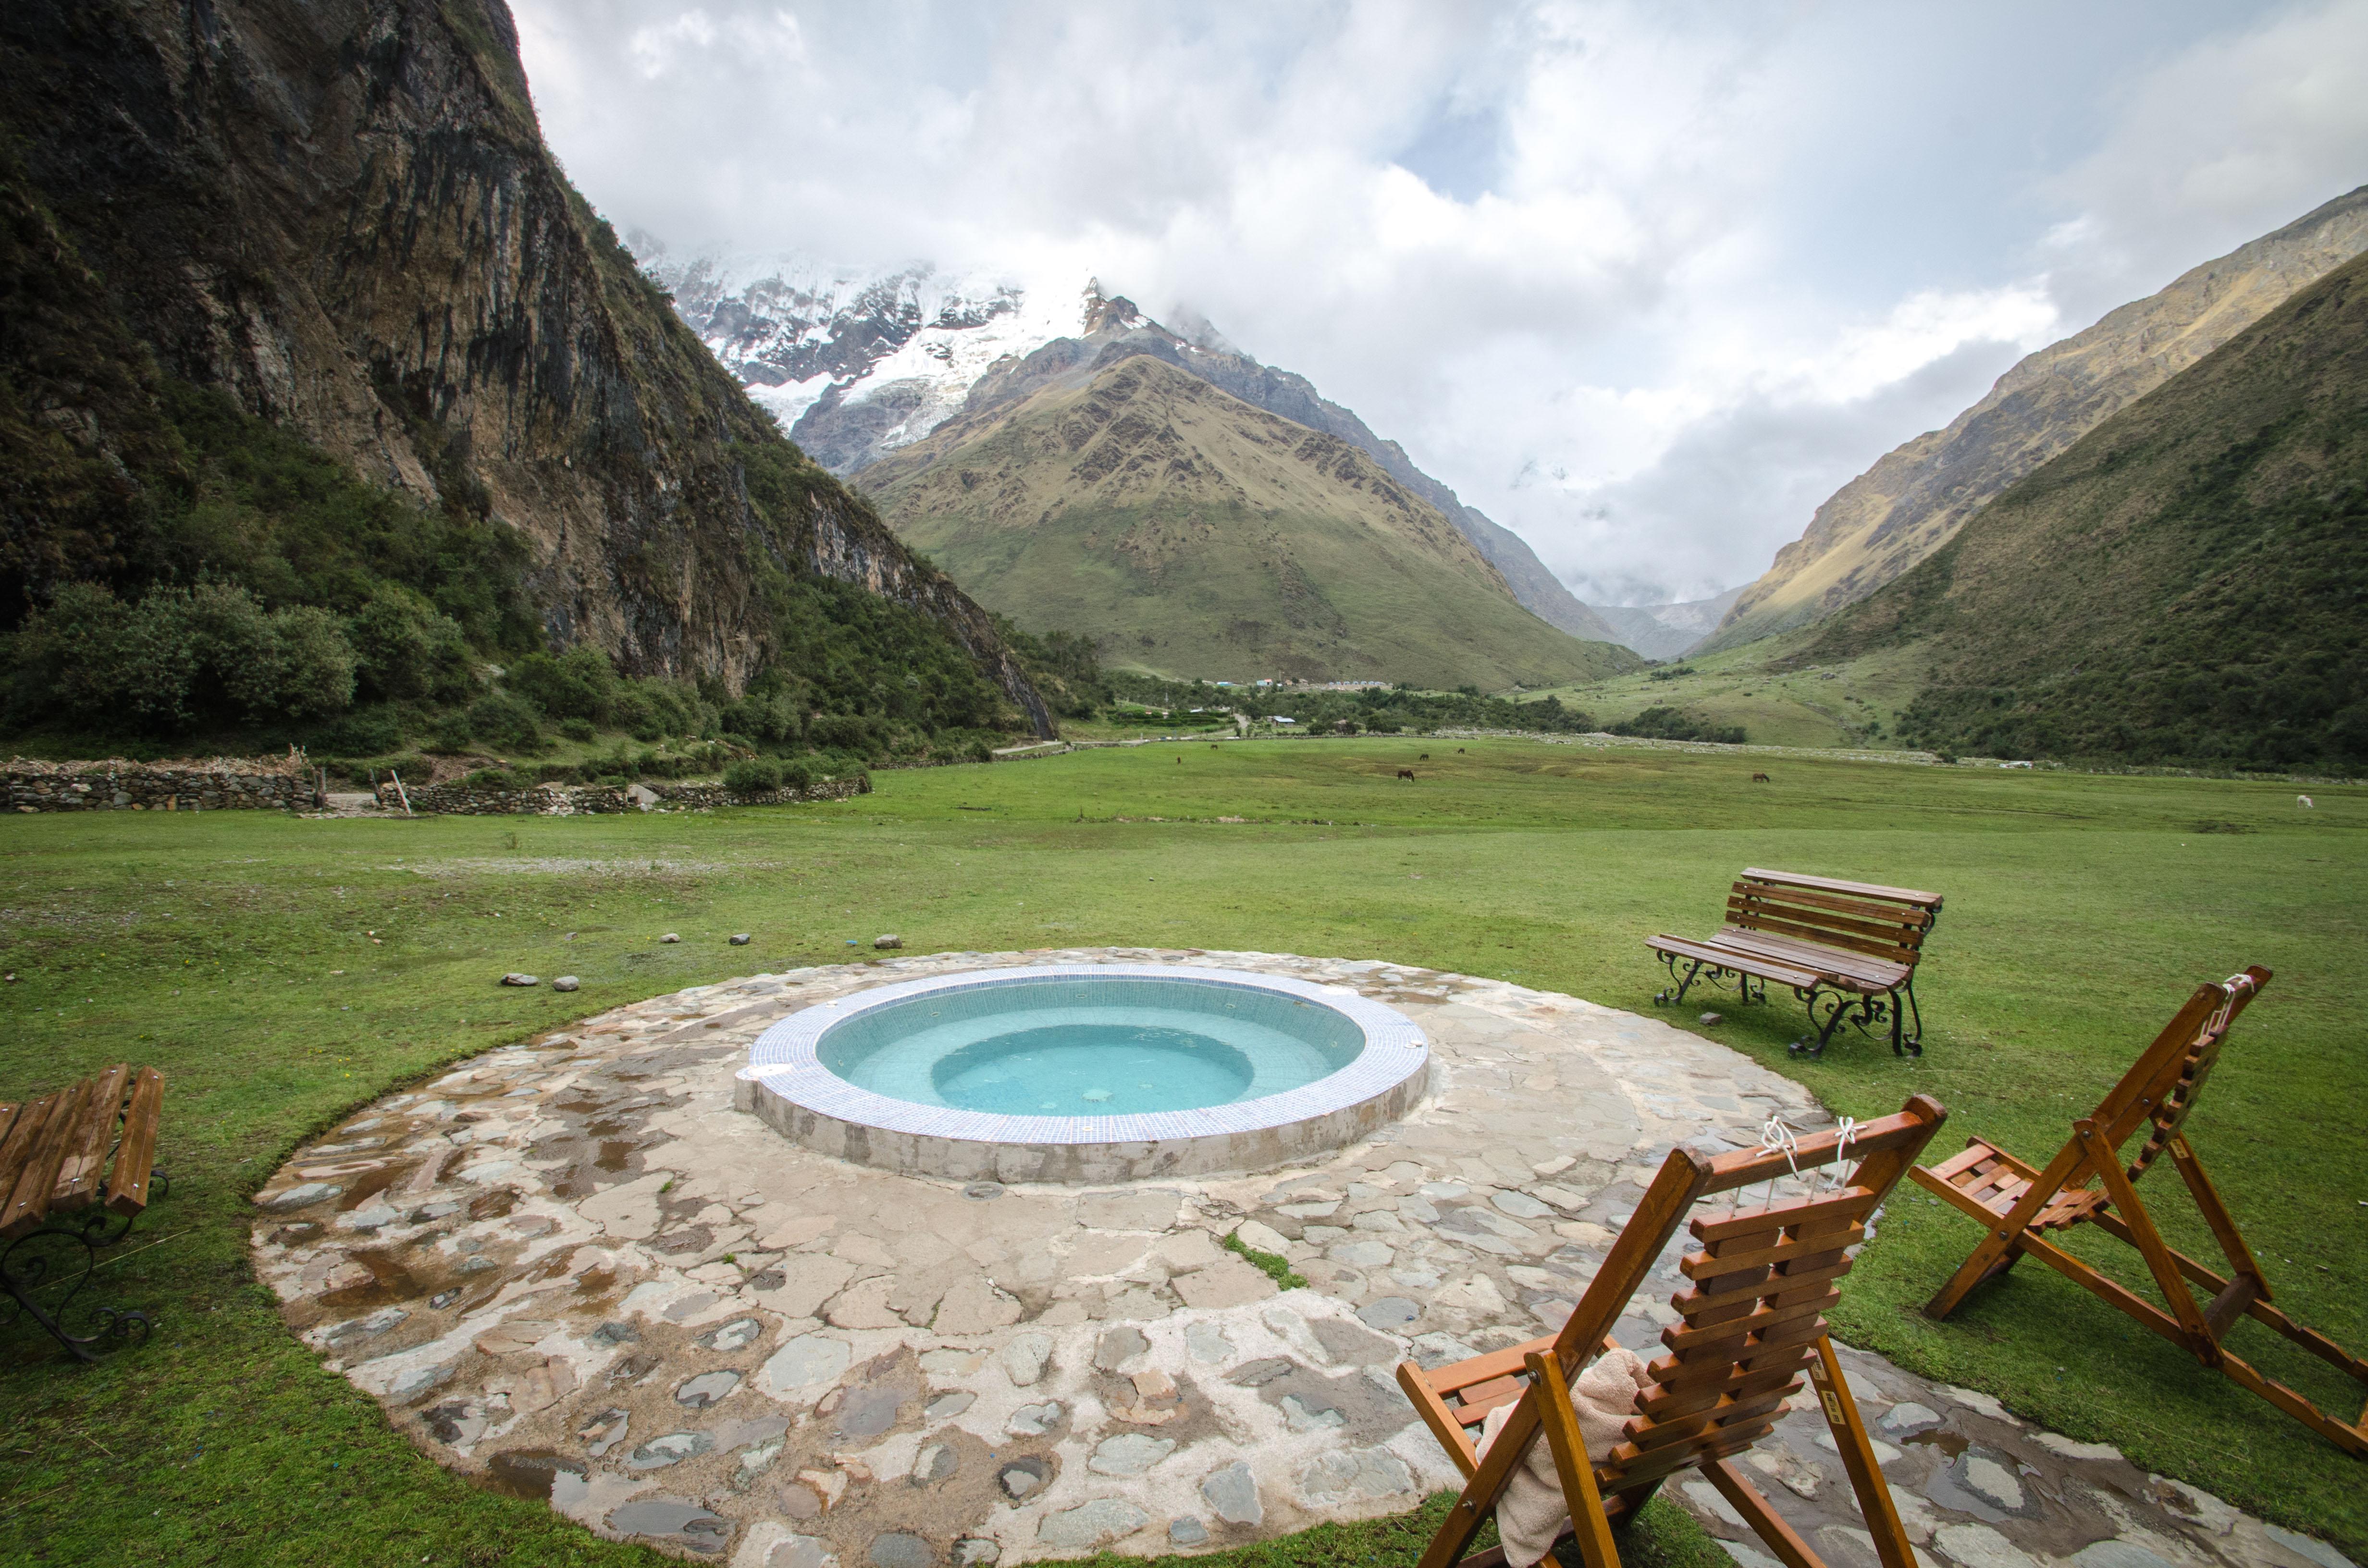 Dipping pool at Salkantay lodge